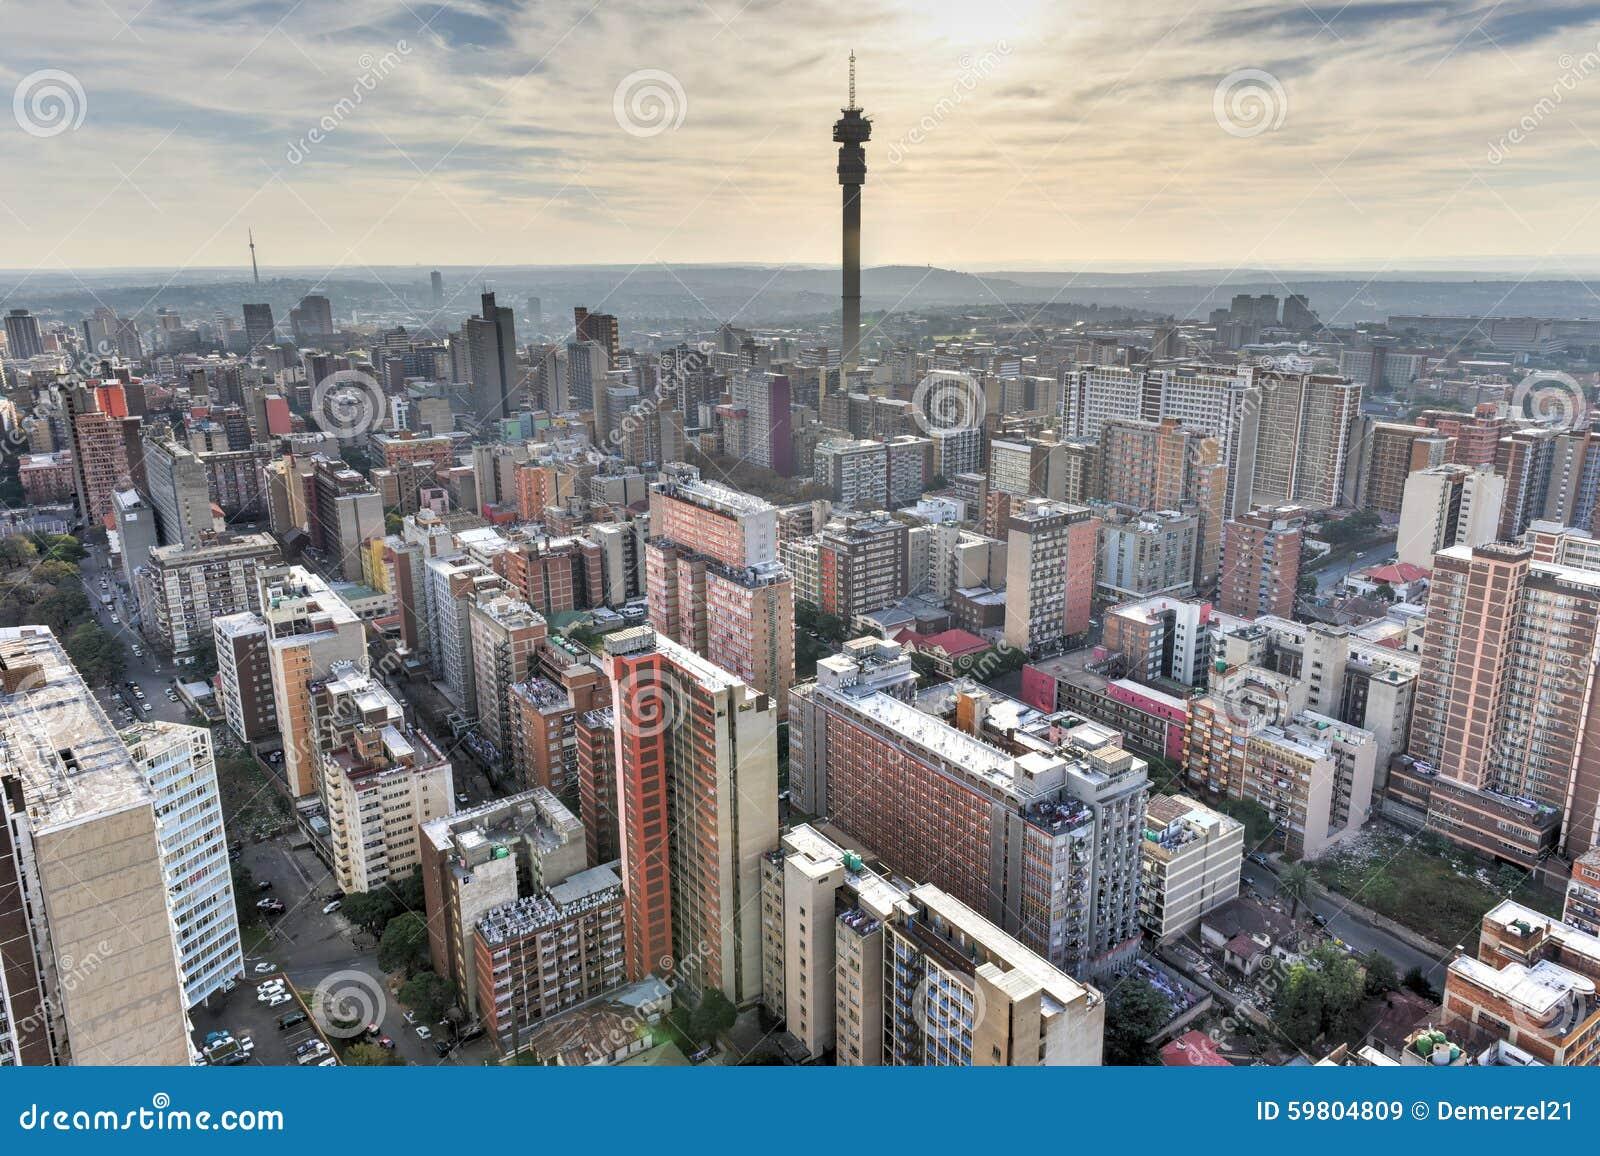 Torre de Hillbrow - Joanesburgo, África do Sul